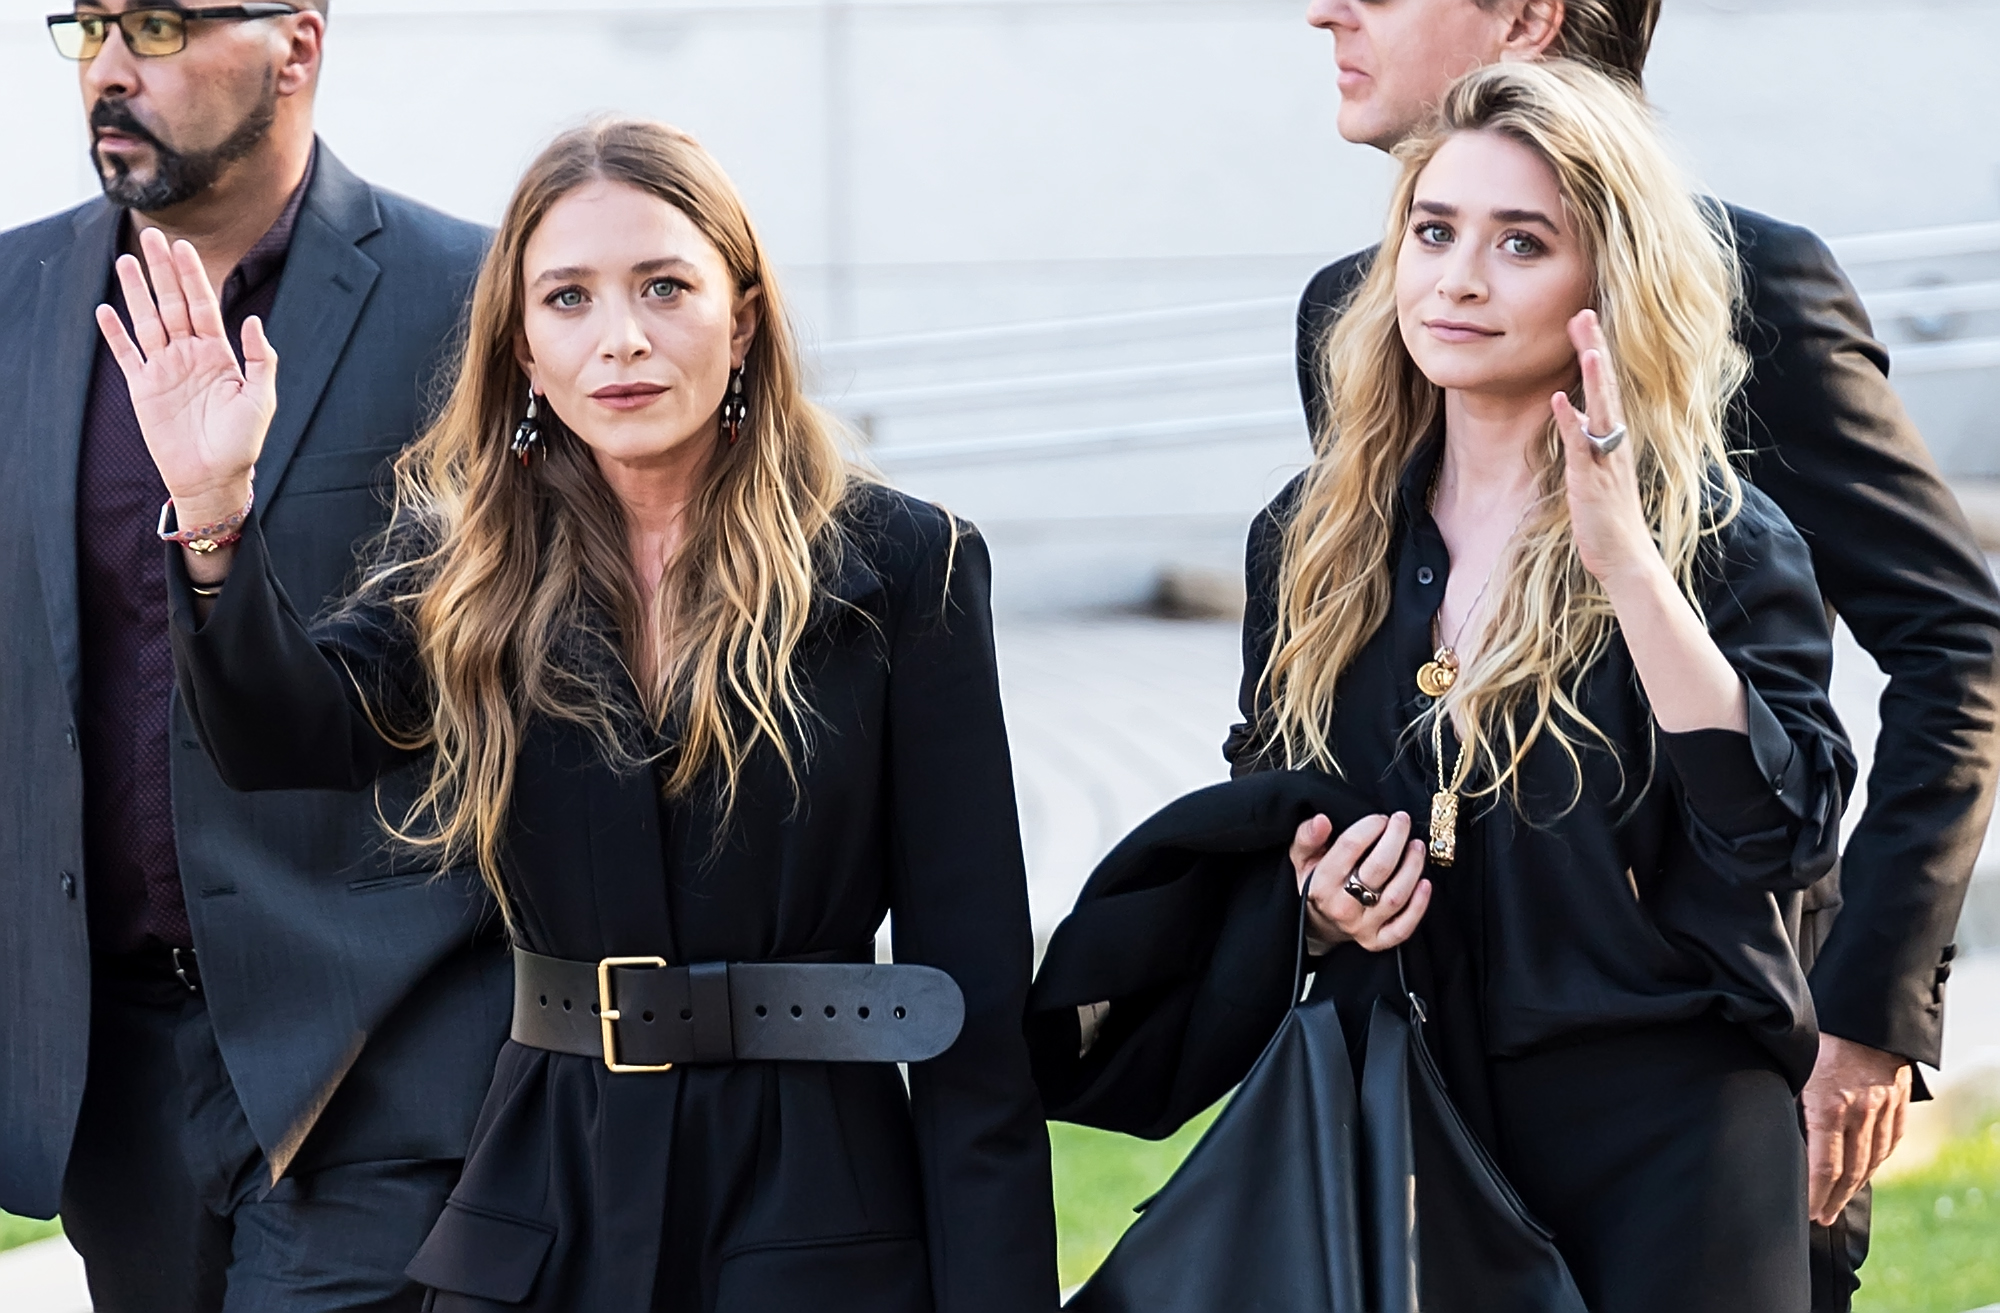 Mary-Kate Olsen and Ashley Olse